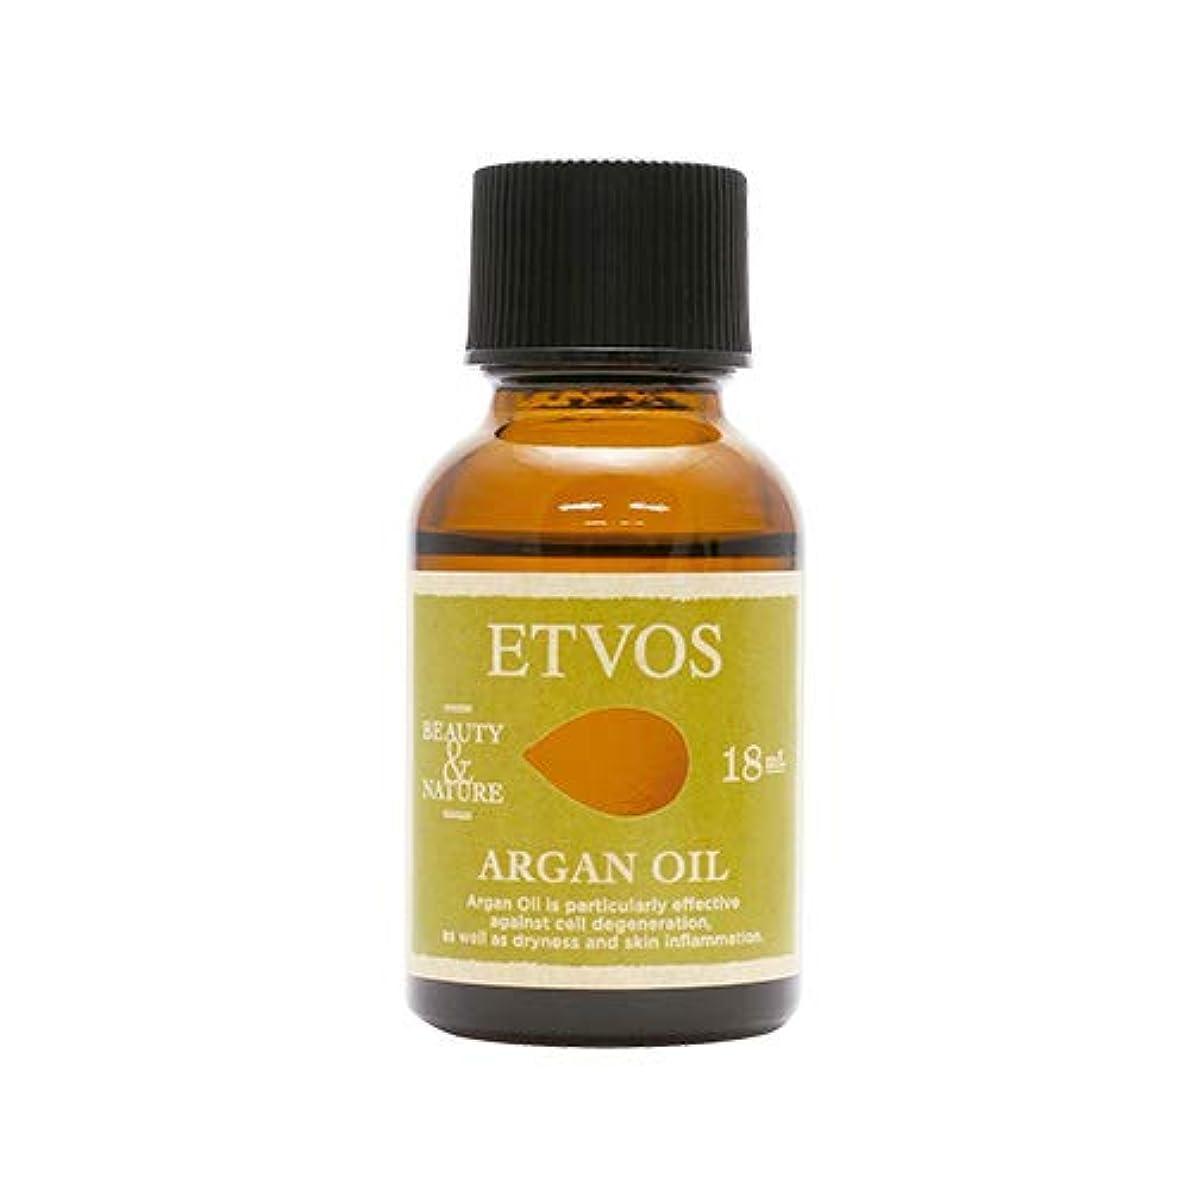 暴露する熟考する悲鳴ETVOS(エトヴォス) アルガンオイル 18ml 無添加アルガニアスピノサ核油100% (顔/髪/頭皮/爪/体用)保湿美容